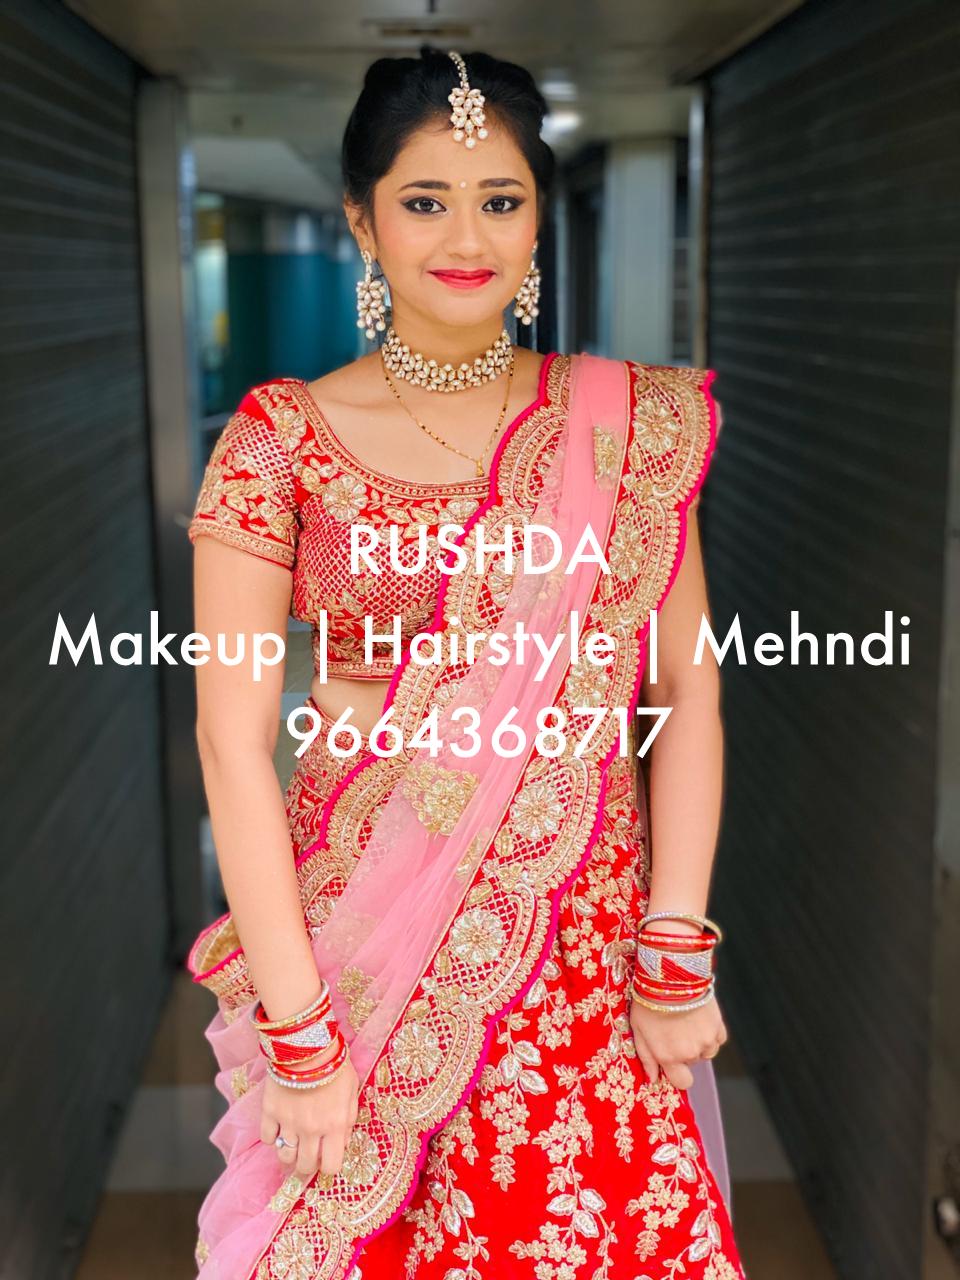 INDIAN GURAJATI BRIDE AND BRIDAL MAKEUP